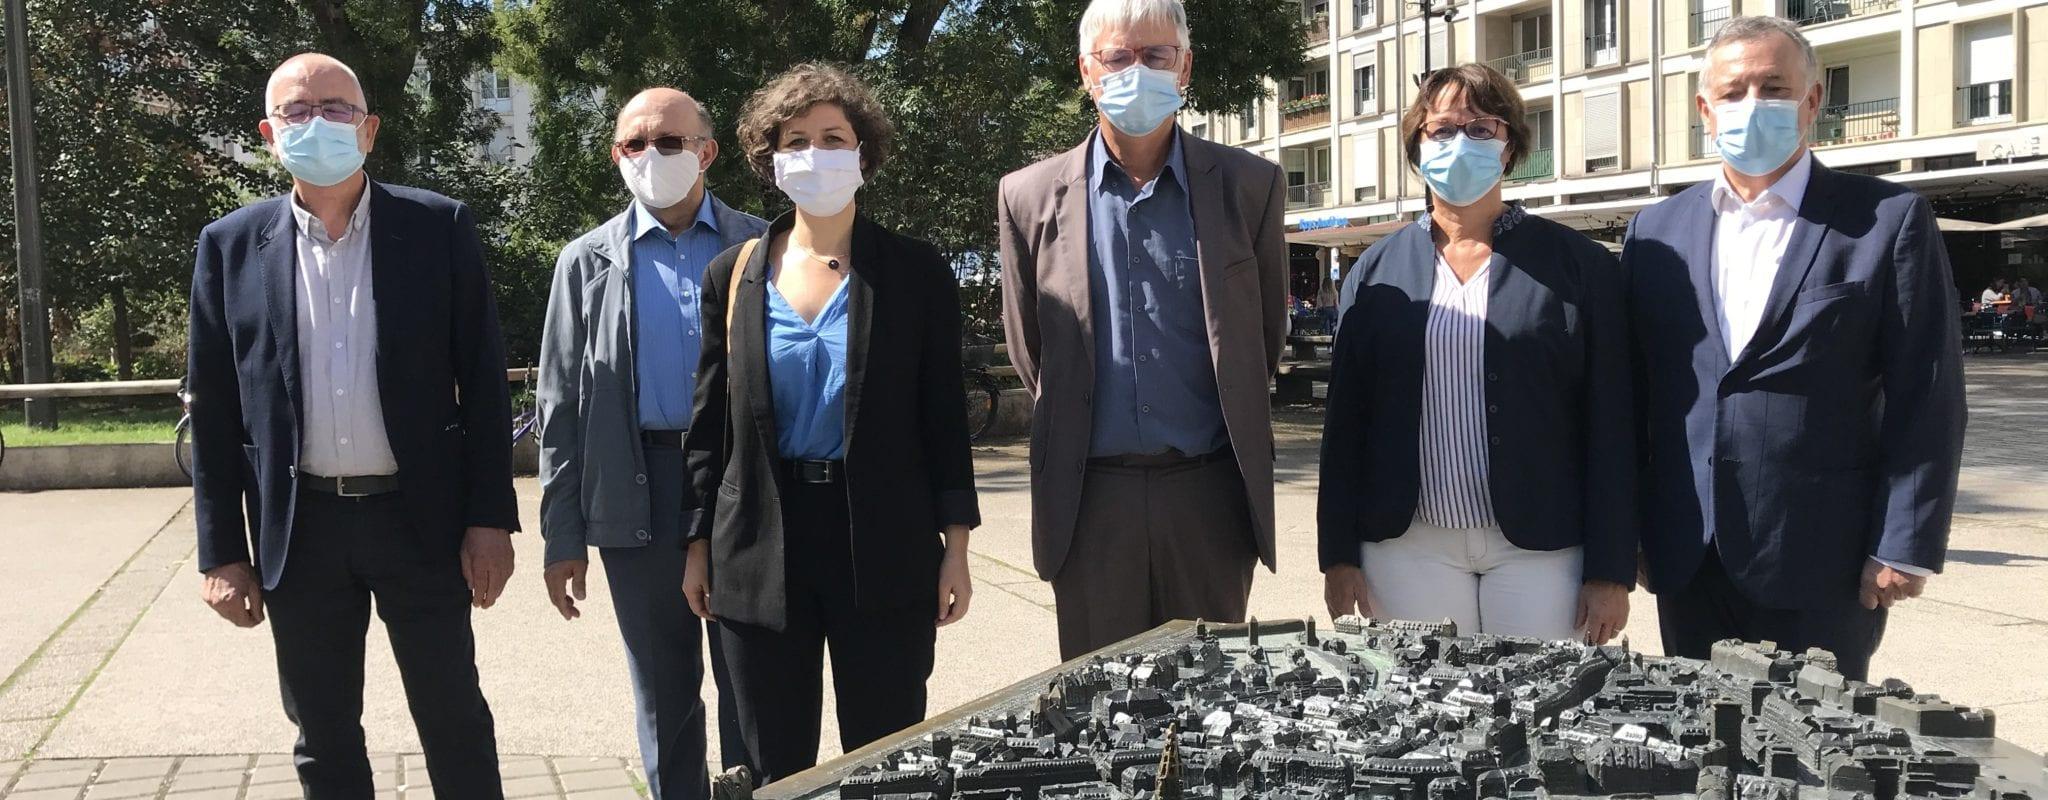 Écologistes et socialistes se réconcilient autour des sénatoriales